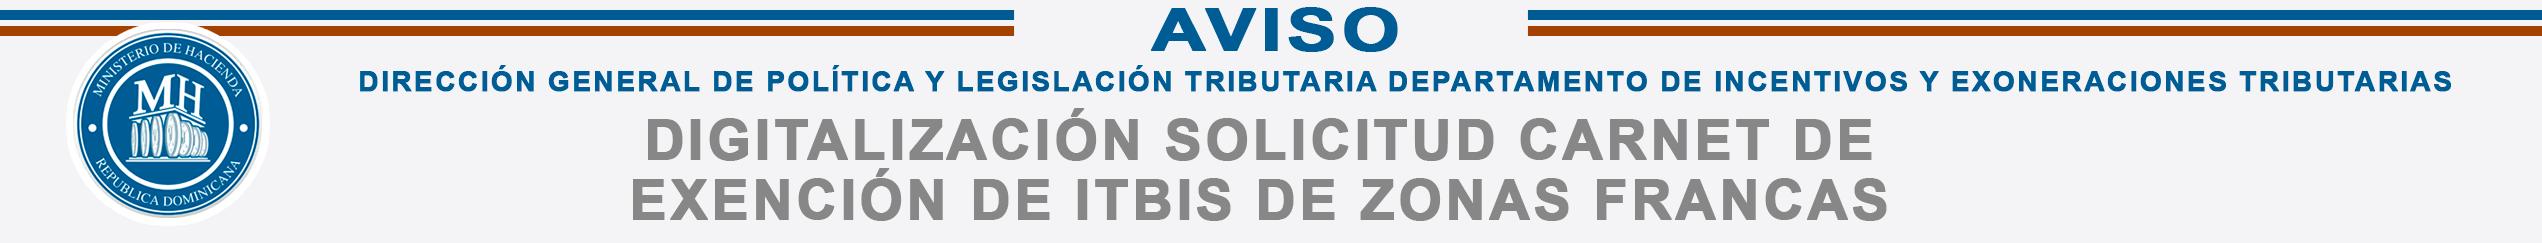 Aviso carnet de exención de ITBIS